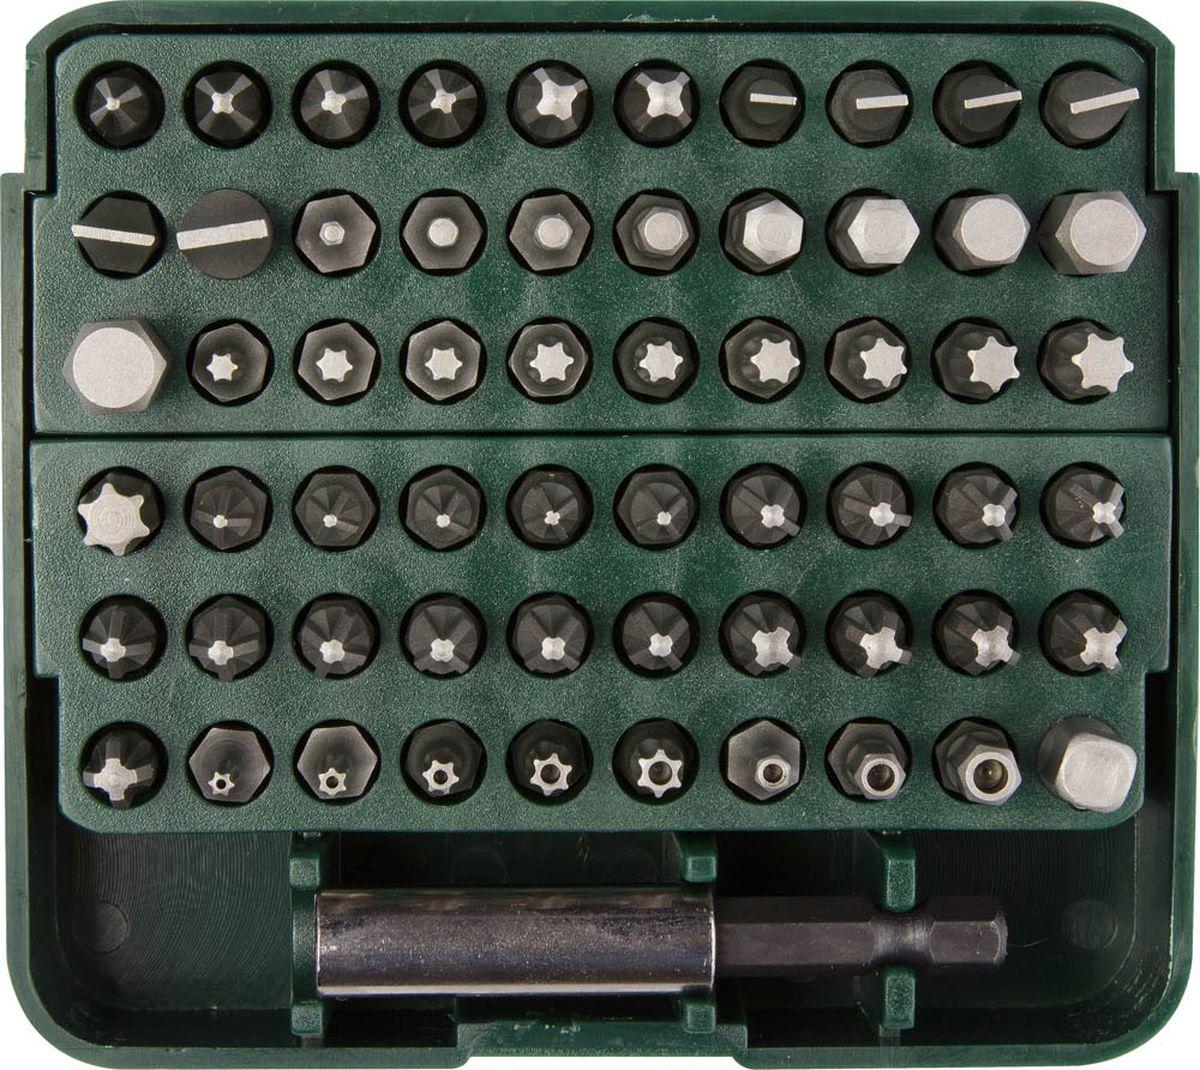 Набор бит Kraftool Expert, с адаптером, 61 предмет98298123_черныйНабор бит Kraftool Expert включает специальные биты, которые предназначены только для профессионального использования в работе с крепежом, так как головки имеют специальный профиль. Набор бит может использоваться как при работе с шуруповертом, так и в работе с универсальными отвертками под биты. Набор состоит из 61 предмета и включает удлинитель-адаптер с магнитным держателем для бит, переходник для торцевых головок 1/4 и 59 бит. Магнитный адаптер-удлинитель используется в механизированном инструменте и обеспечивает надежное крепление биты в посадочном гнезде. Надежный пластиковый кейс удобен для хранения и транспортировки набора. Каждая бита крепится в индивидуальном посадочном отверстии кейса. Пластиковая защелка обеспечивает защиту кейса от случайного открытия. Комплект содержит: - Удлинитель-адаптер с магнитным держателем для бит; - Переходник для торцевых головок 1/4;- 59 бит длиной 25 мм (SL 4, SL 4,5, SL 5, SL 6, SL7, SL8, PZ №1 - 5 шт; PZ №2 - 10 шт; PZ №3 - 5 шт; PH №1, PH №2 - 3 шт; PH №3 - 2 шт; HEX: 2 мм, 2,5 мм, 3 мм, 4 мм, 5 мм, 5,5 мм, 6 мм, 7 мм, 8 мм; TORX: T10, T15 - 2 шт, T20 - 2 шт, T25 - 2 шт, T27, T30, T40; TORX HOLE: T8, T10, T15, T20, T25; Square: 3 мм, 4 мм, 5 мм); - Пластиковый кейс.